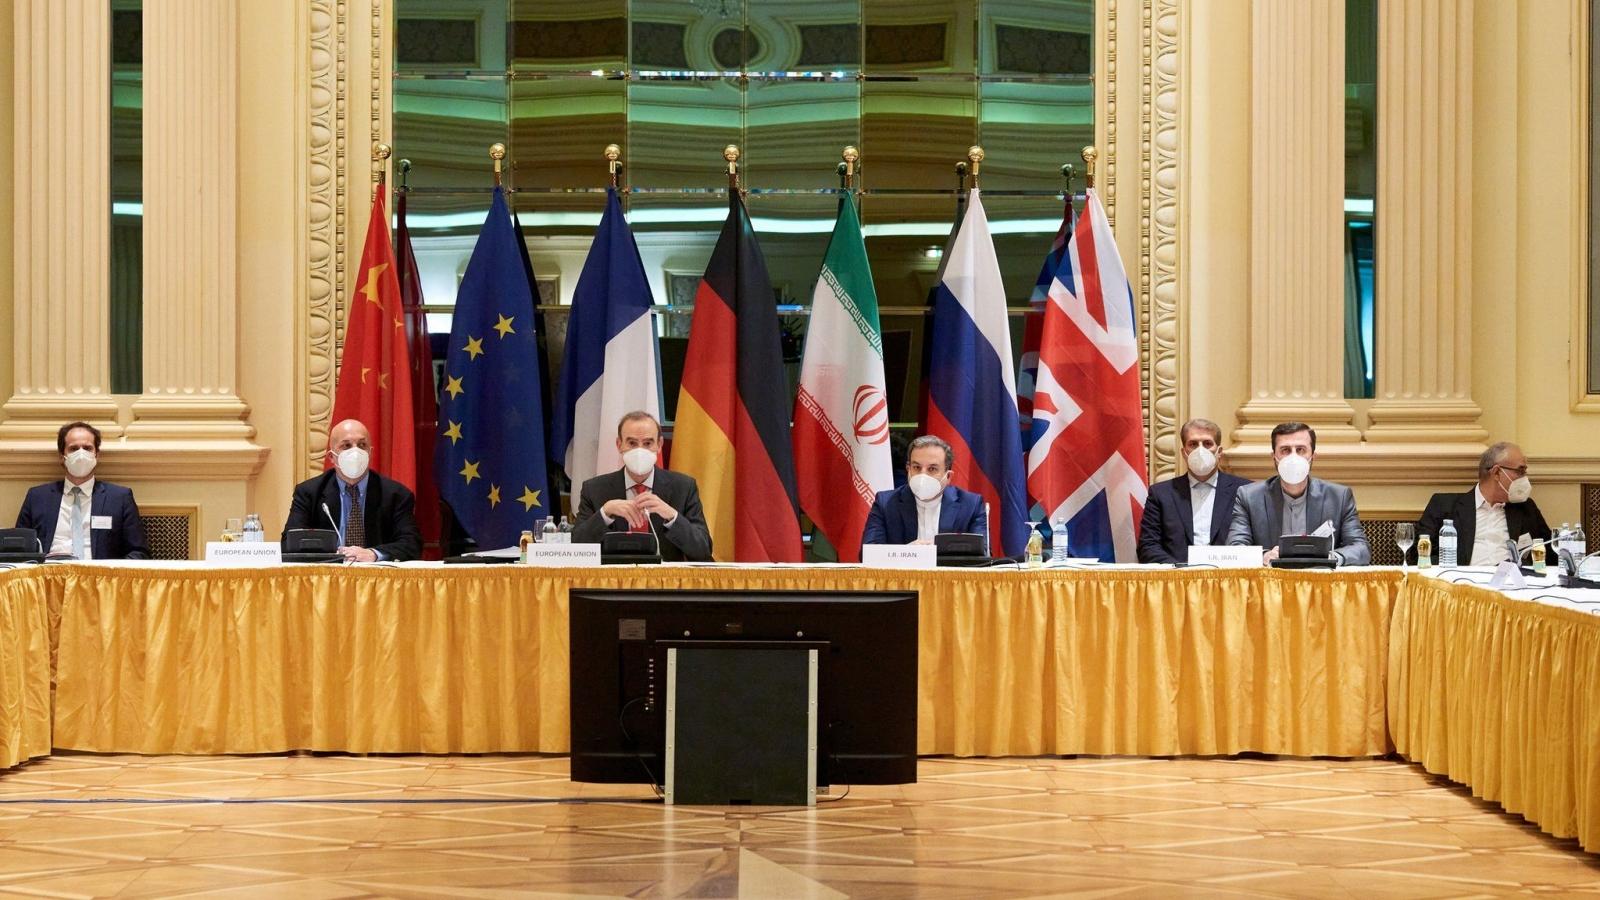 Bác đề xuất của phương Tây ở hội nghị Vienna, Iran không muốn ở thế yếu